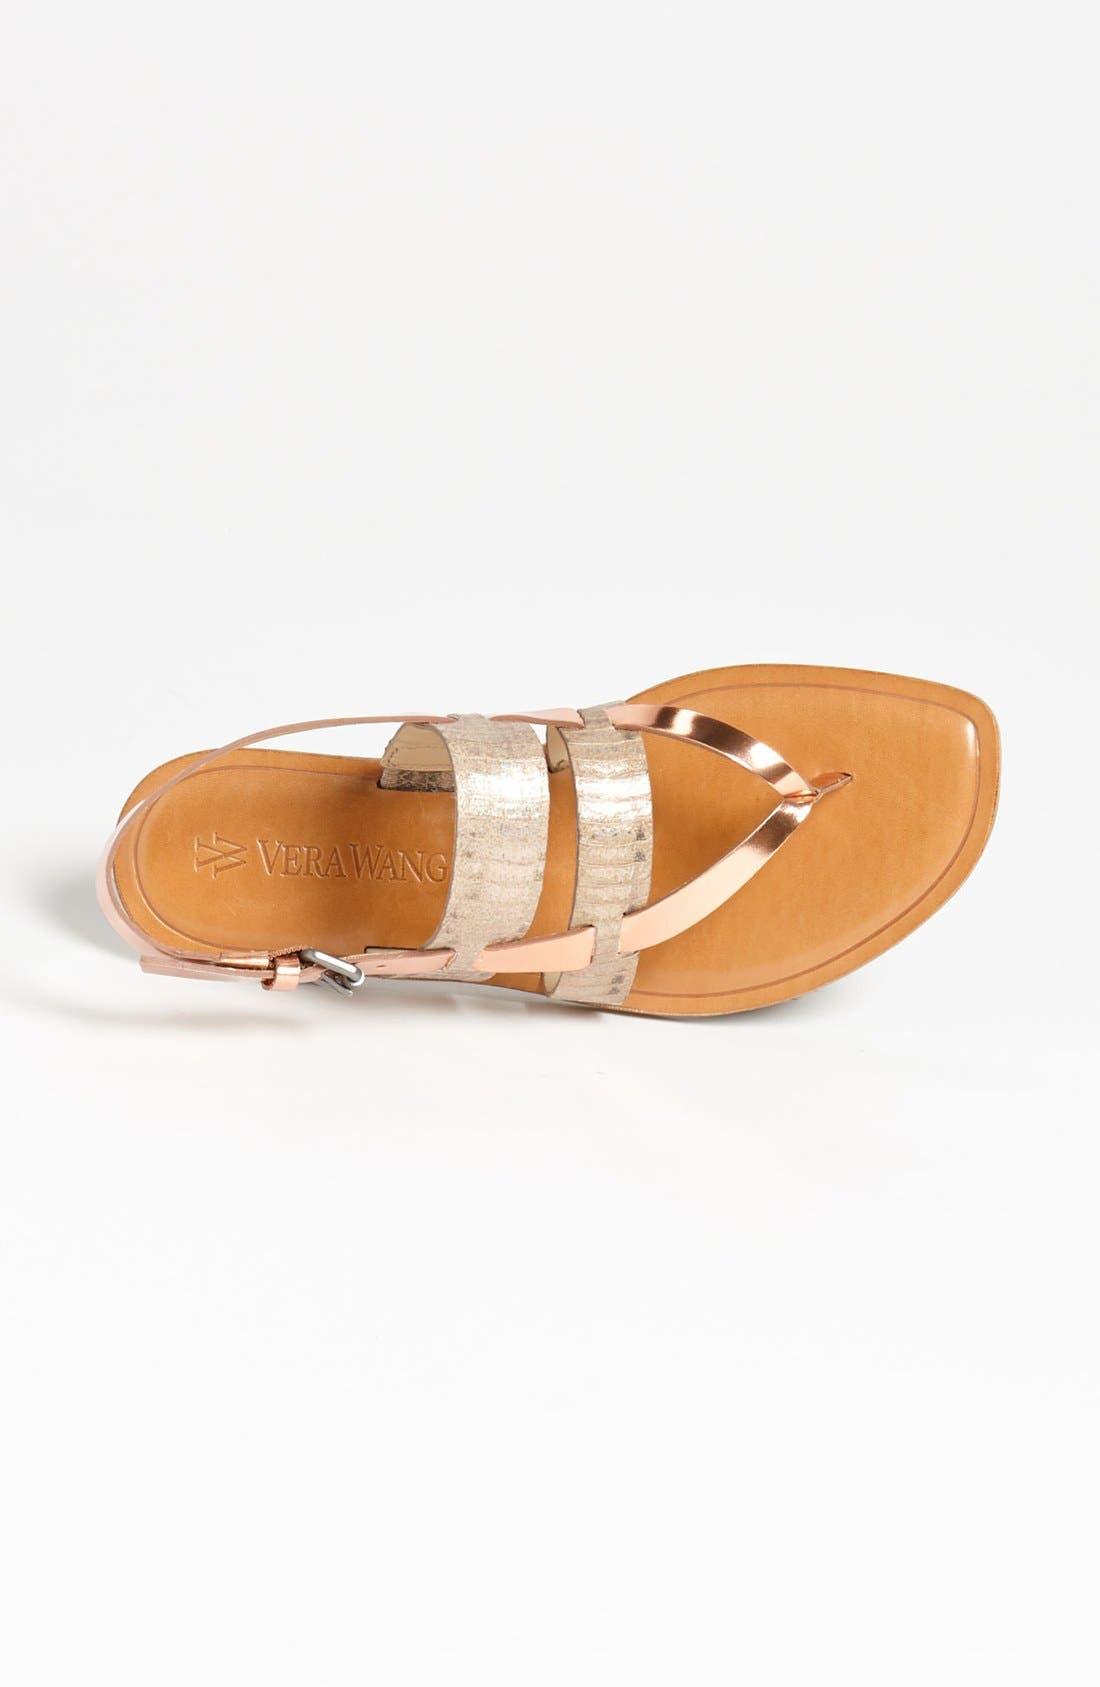 Alternate Image 3  - Vera Wang Footwear 'Annie' Flat Sandal (Online Only)